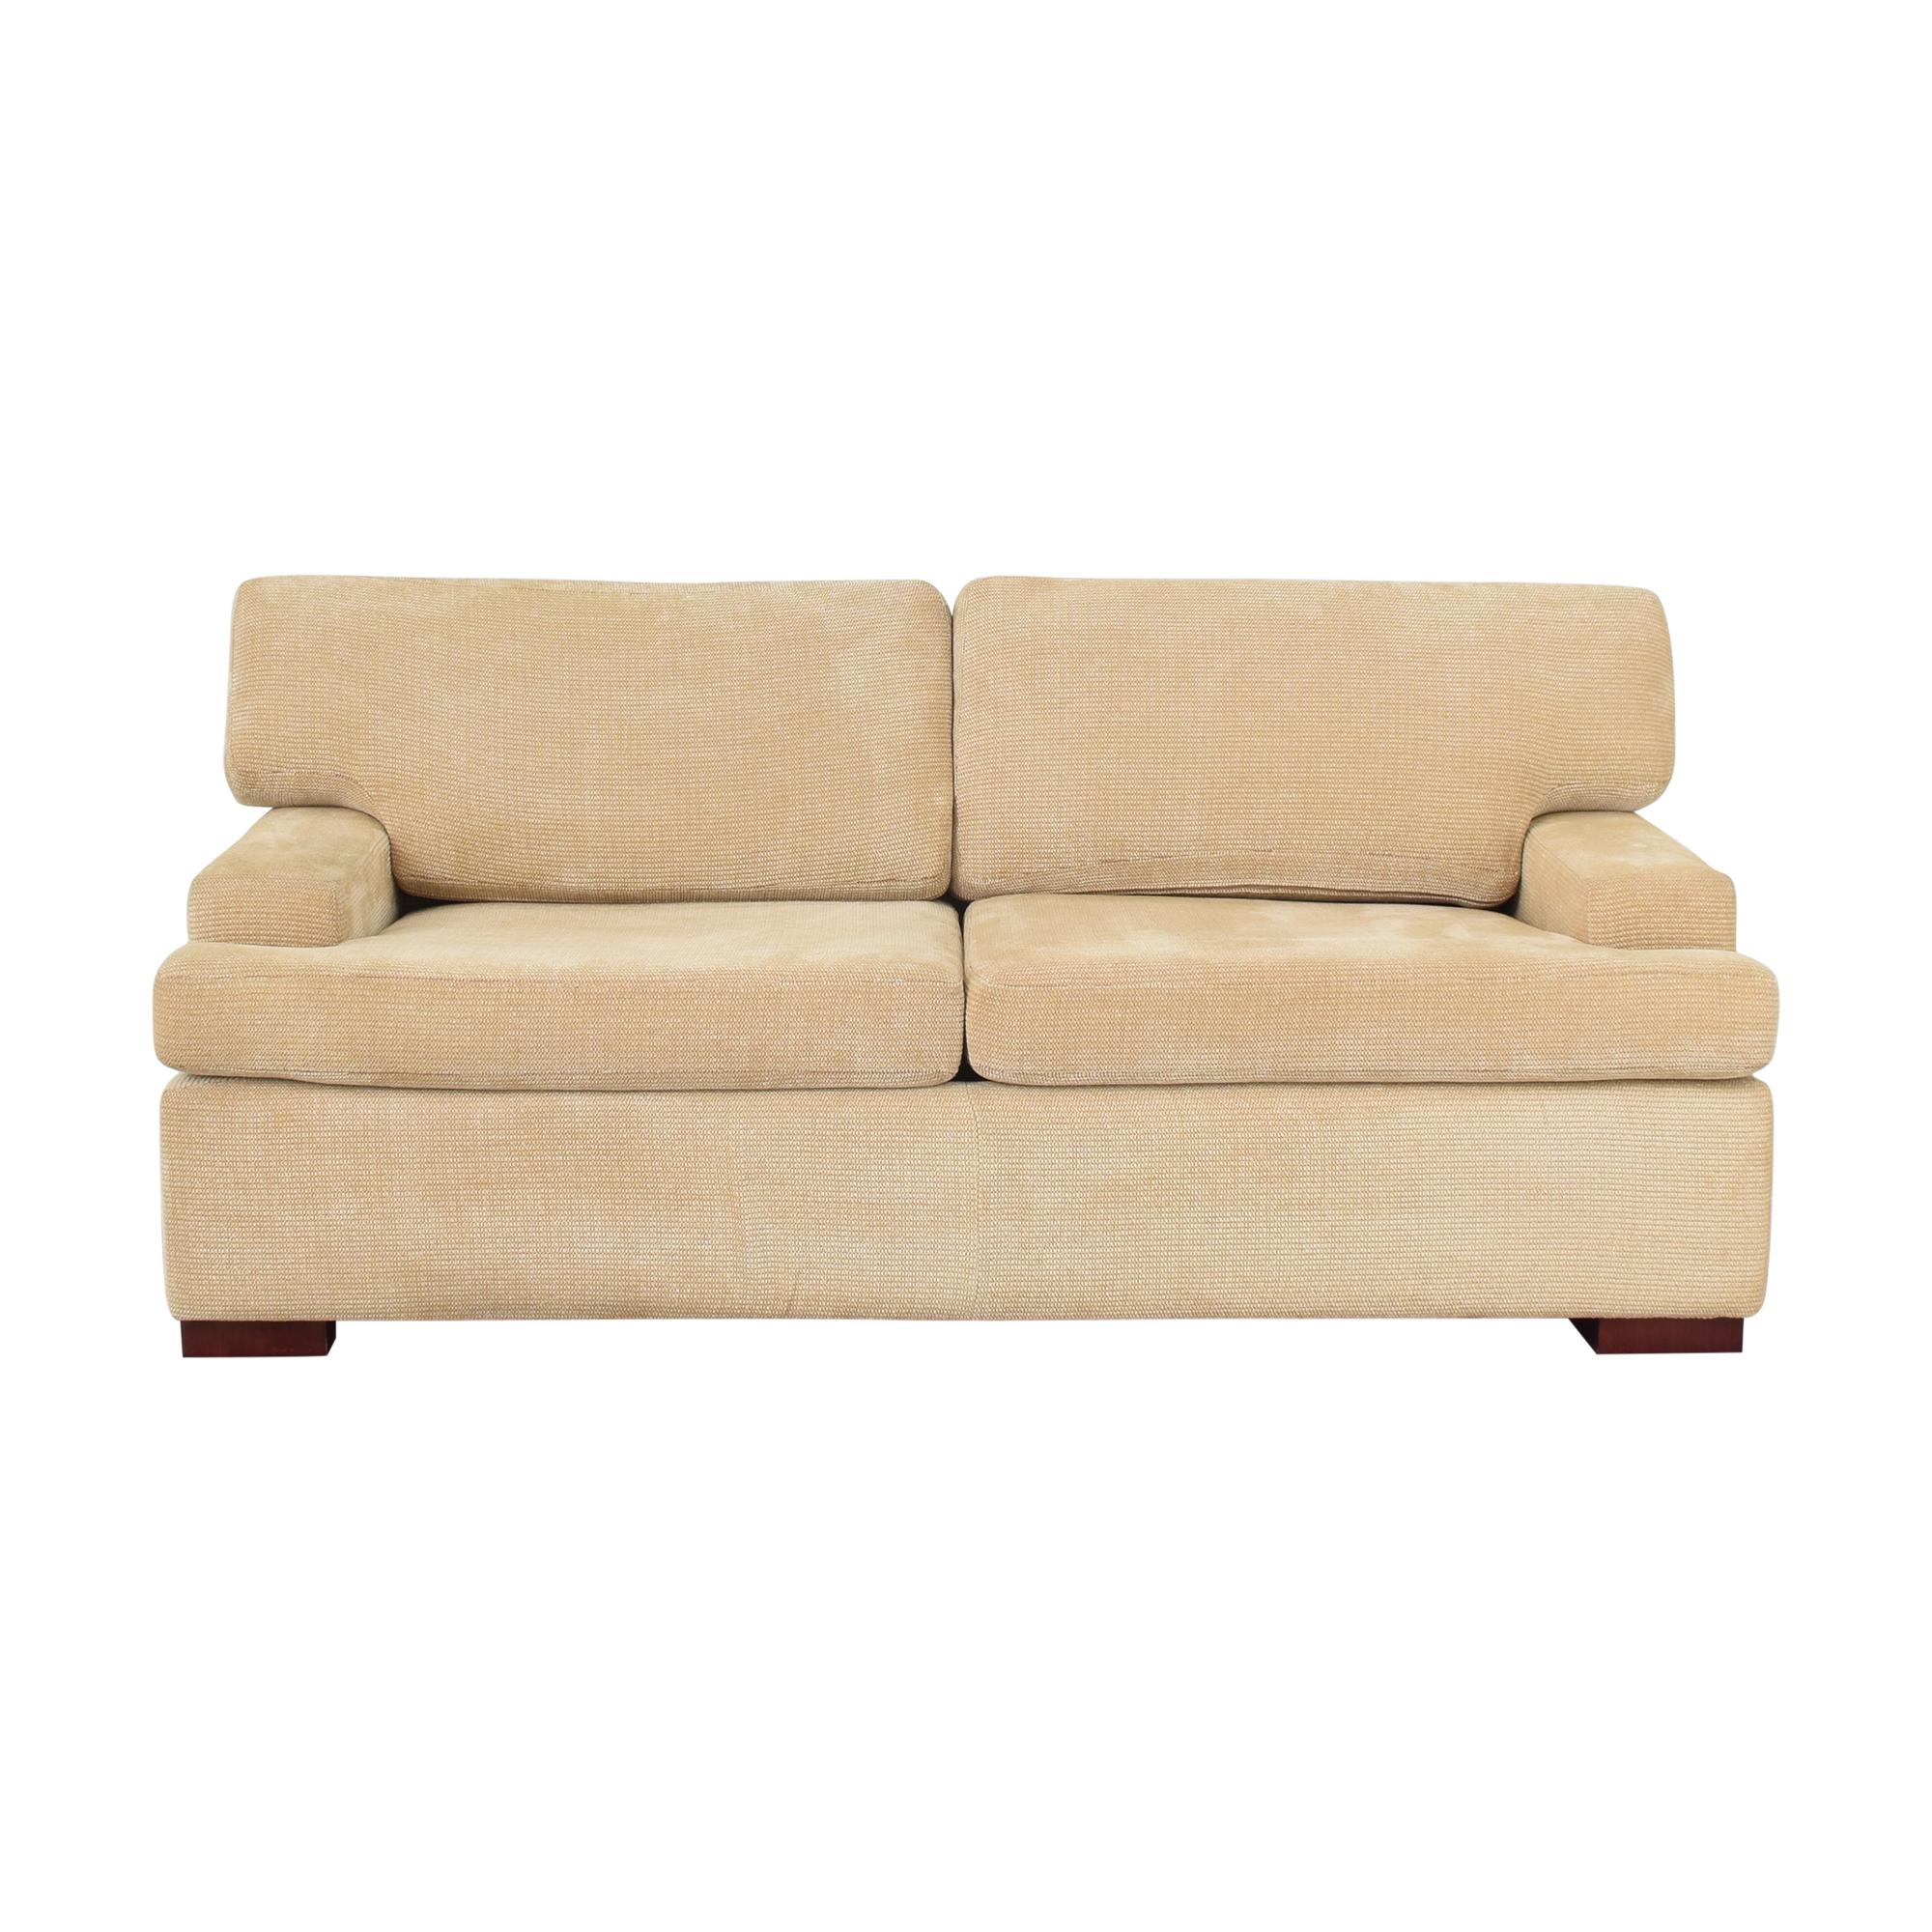 Avery Boardman Avery Boardman Sleeper Sofa Sofas